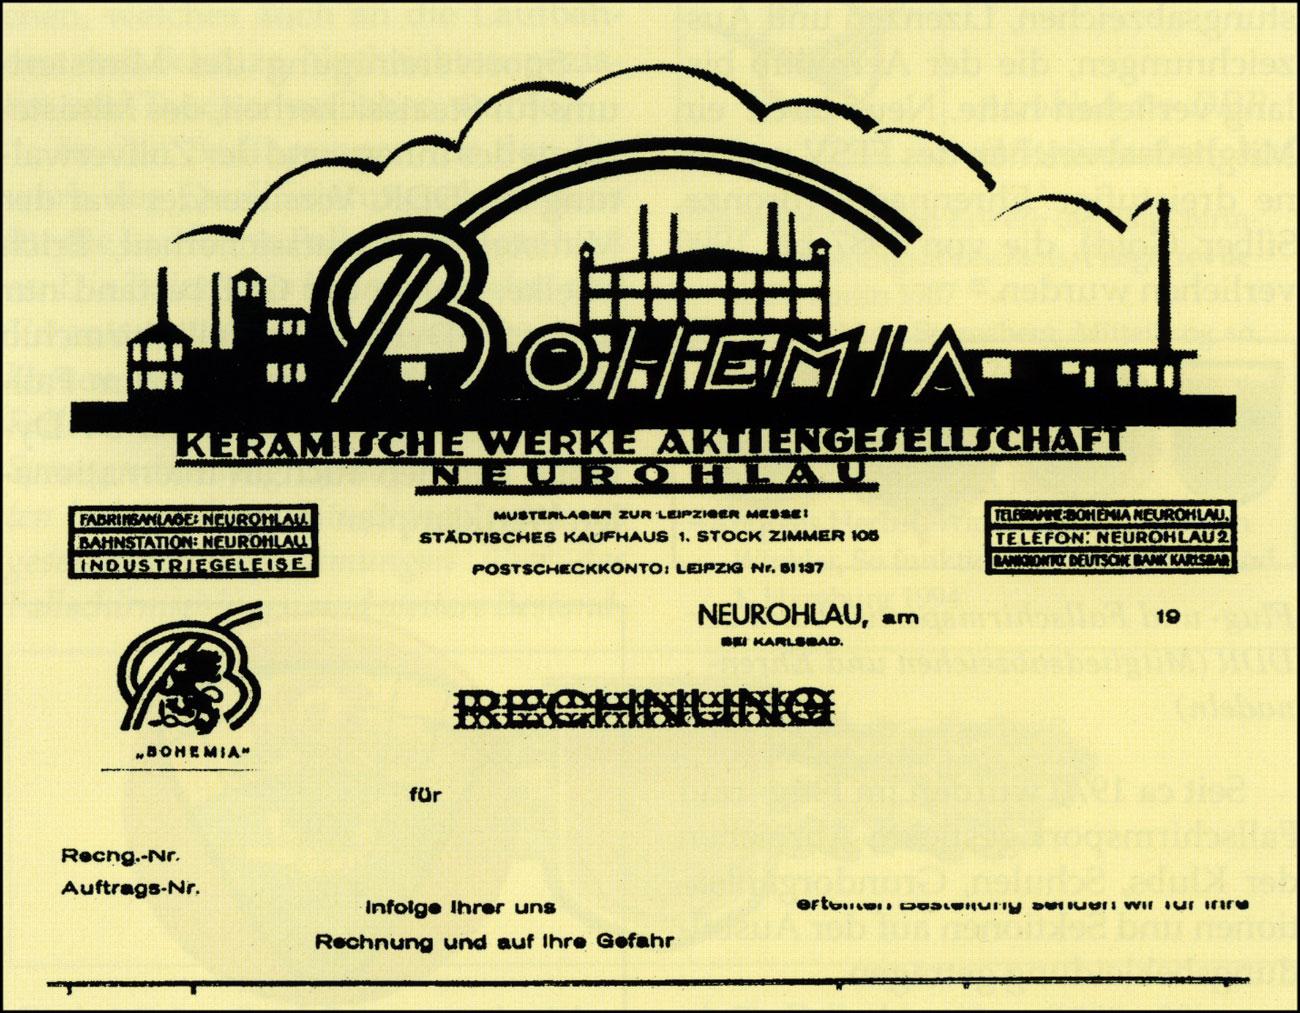 Бланк письма «Bohemia Керамическое производство акционерное общество Neurohlau». Бланк использовался в феврале 1942